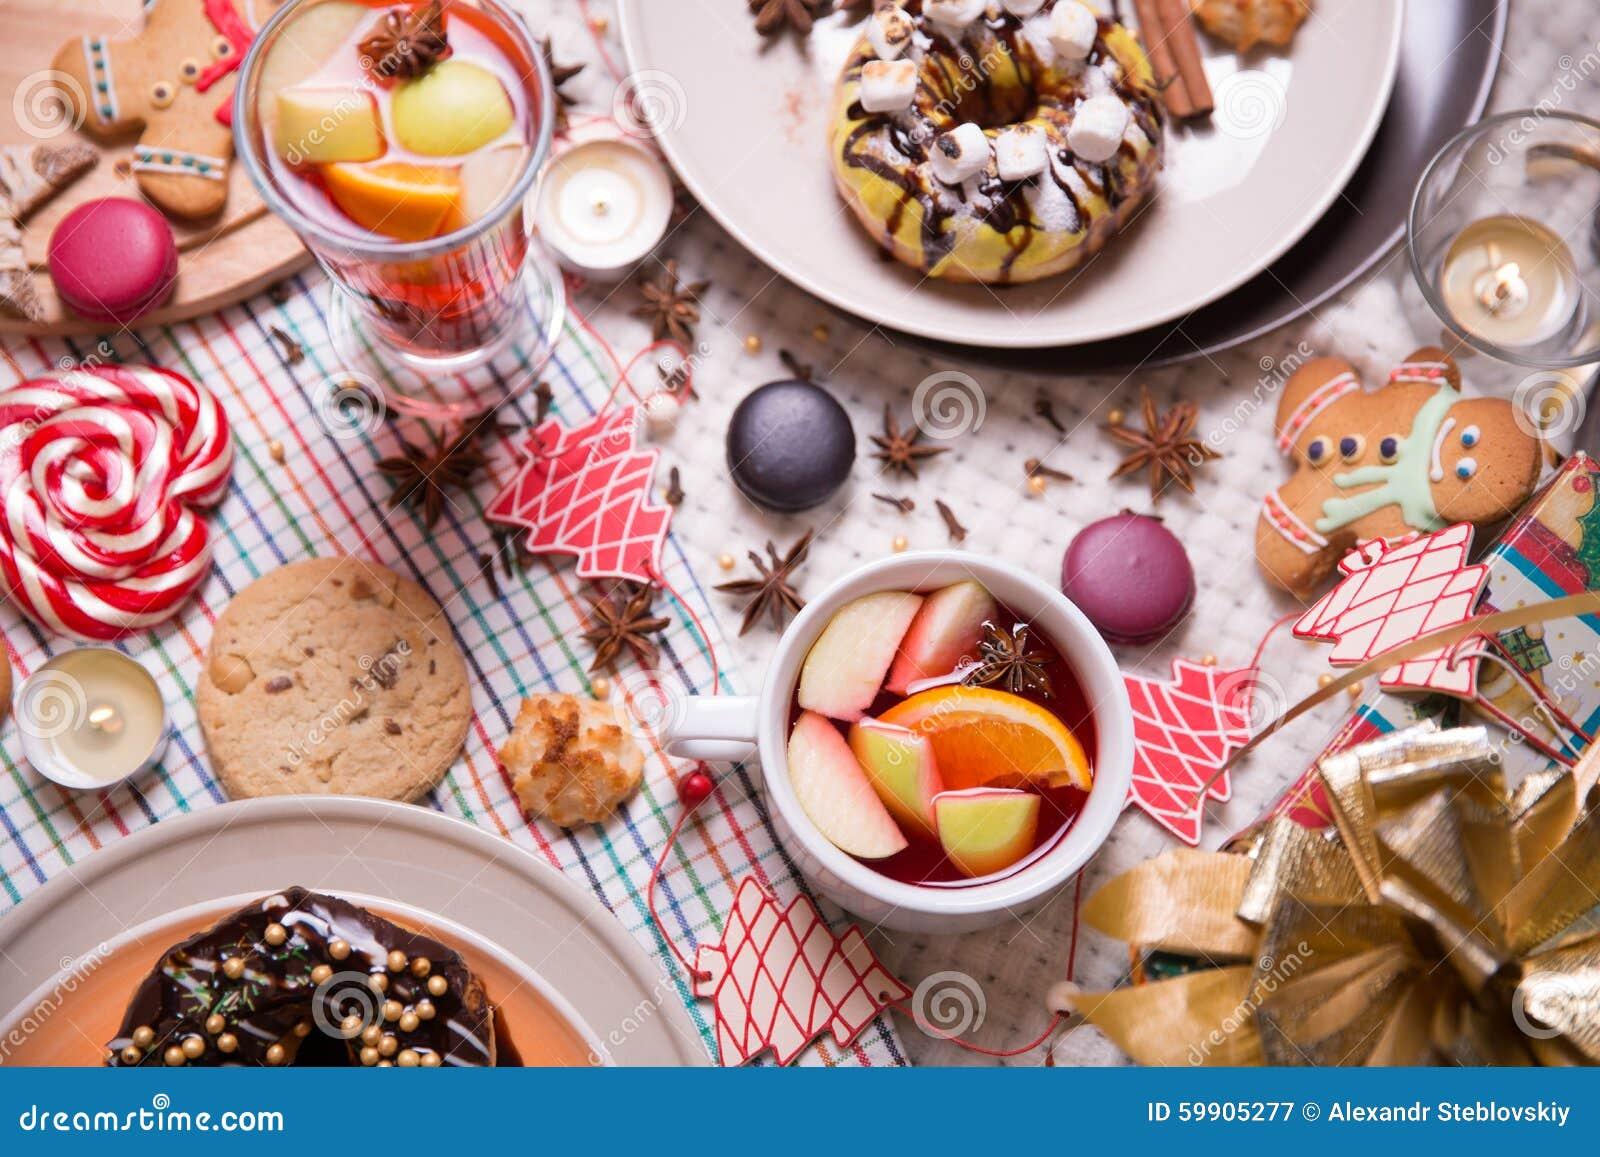 圣诞节曲奇饼姜饼做宫殿甜点 库存照片 - 图片图片